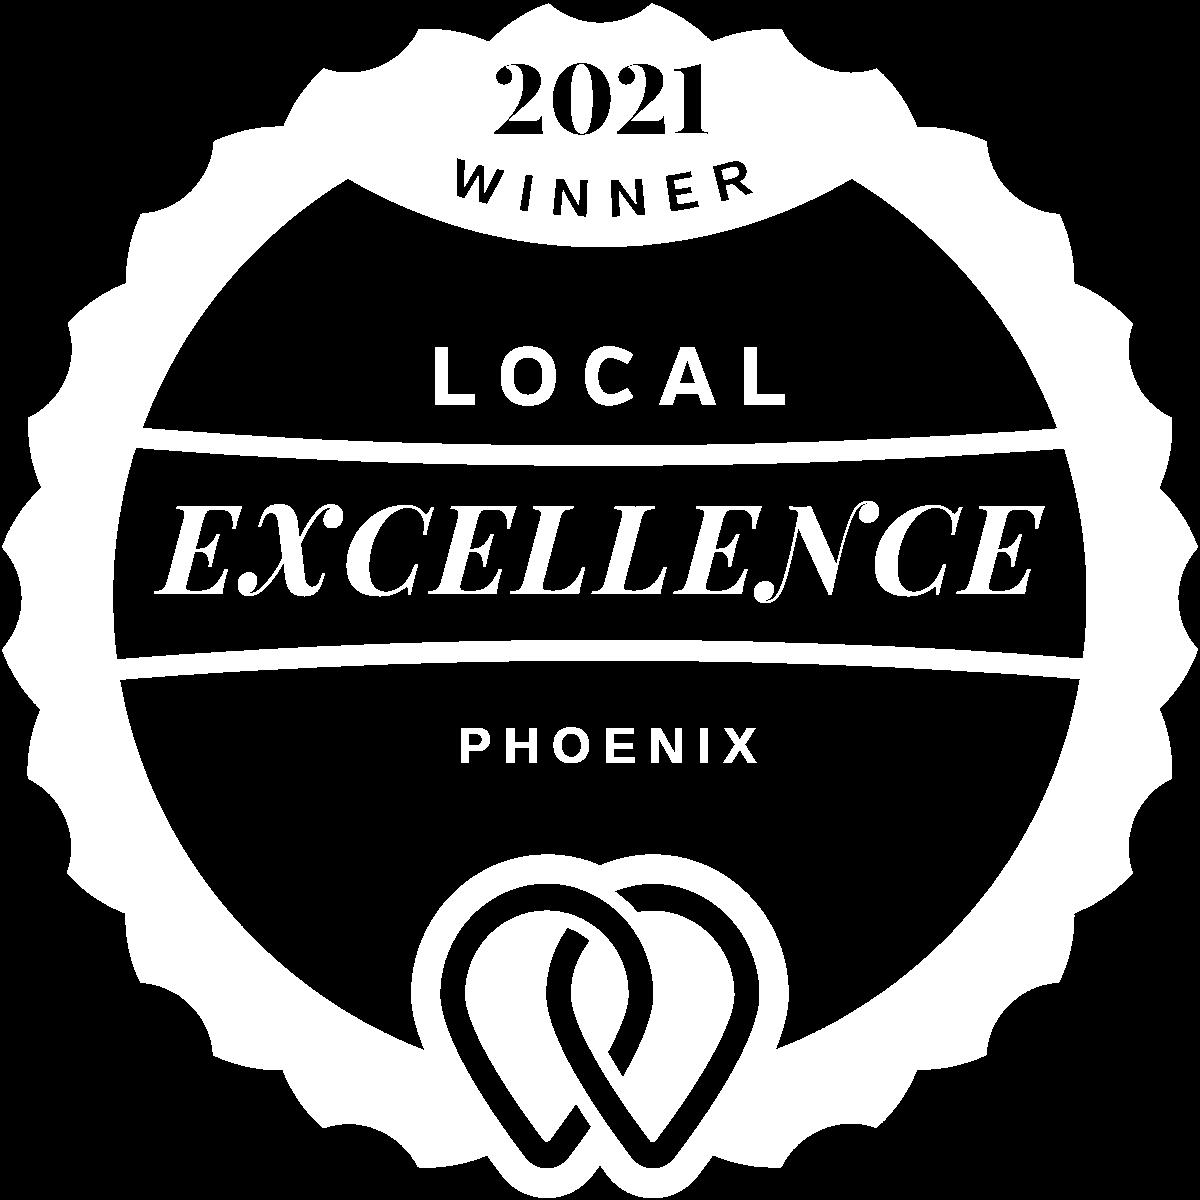 2021 Local Excellence Winner in Phoenix, AZ